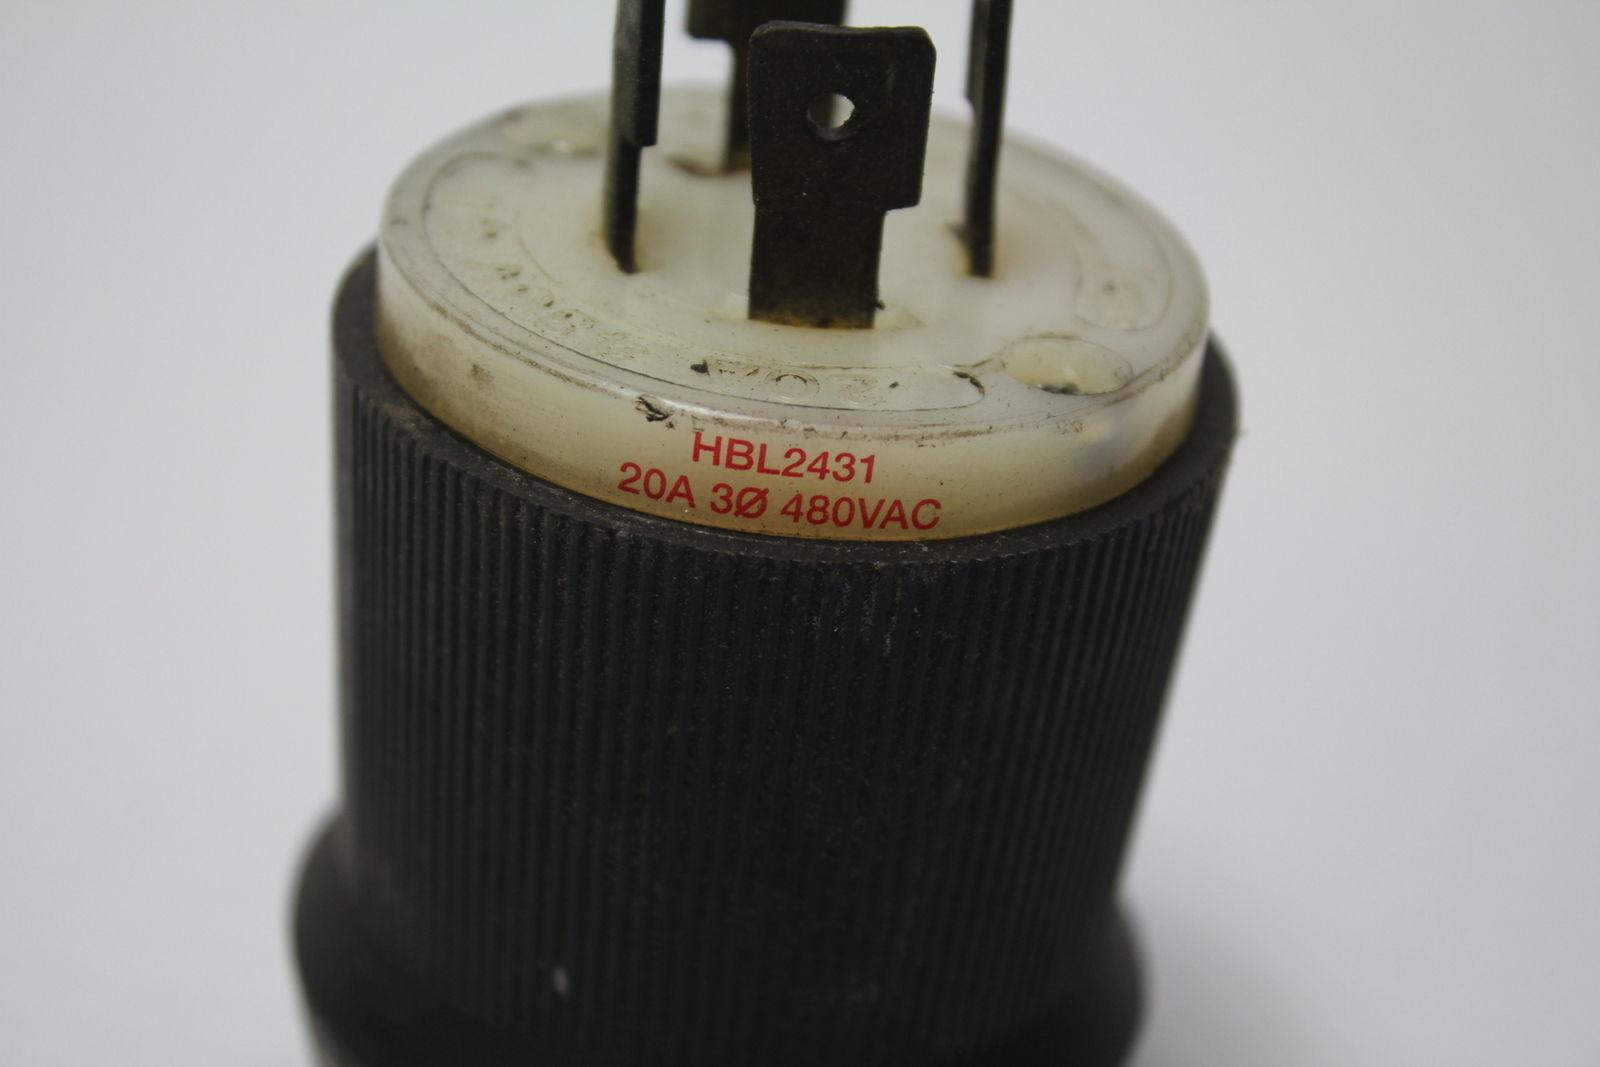 Hubbel HBL2431 Twist Lock Plug New In Box Lot of 2